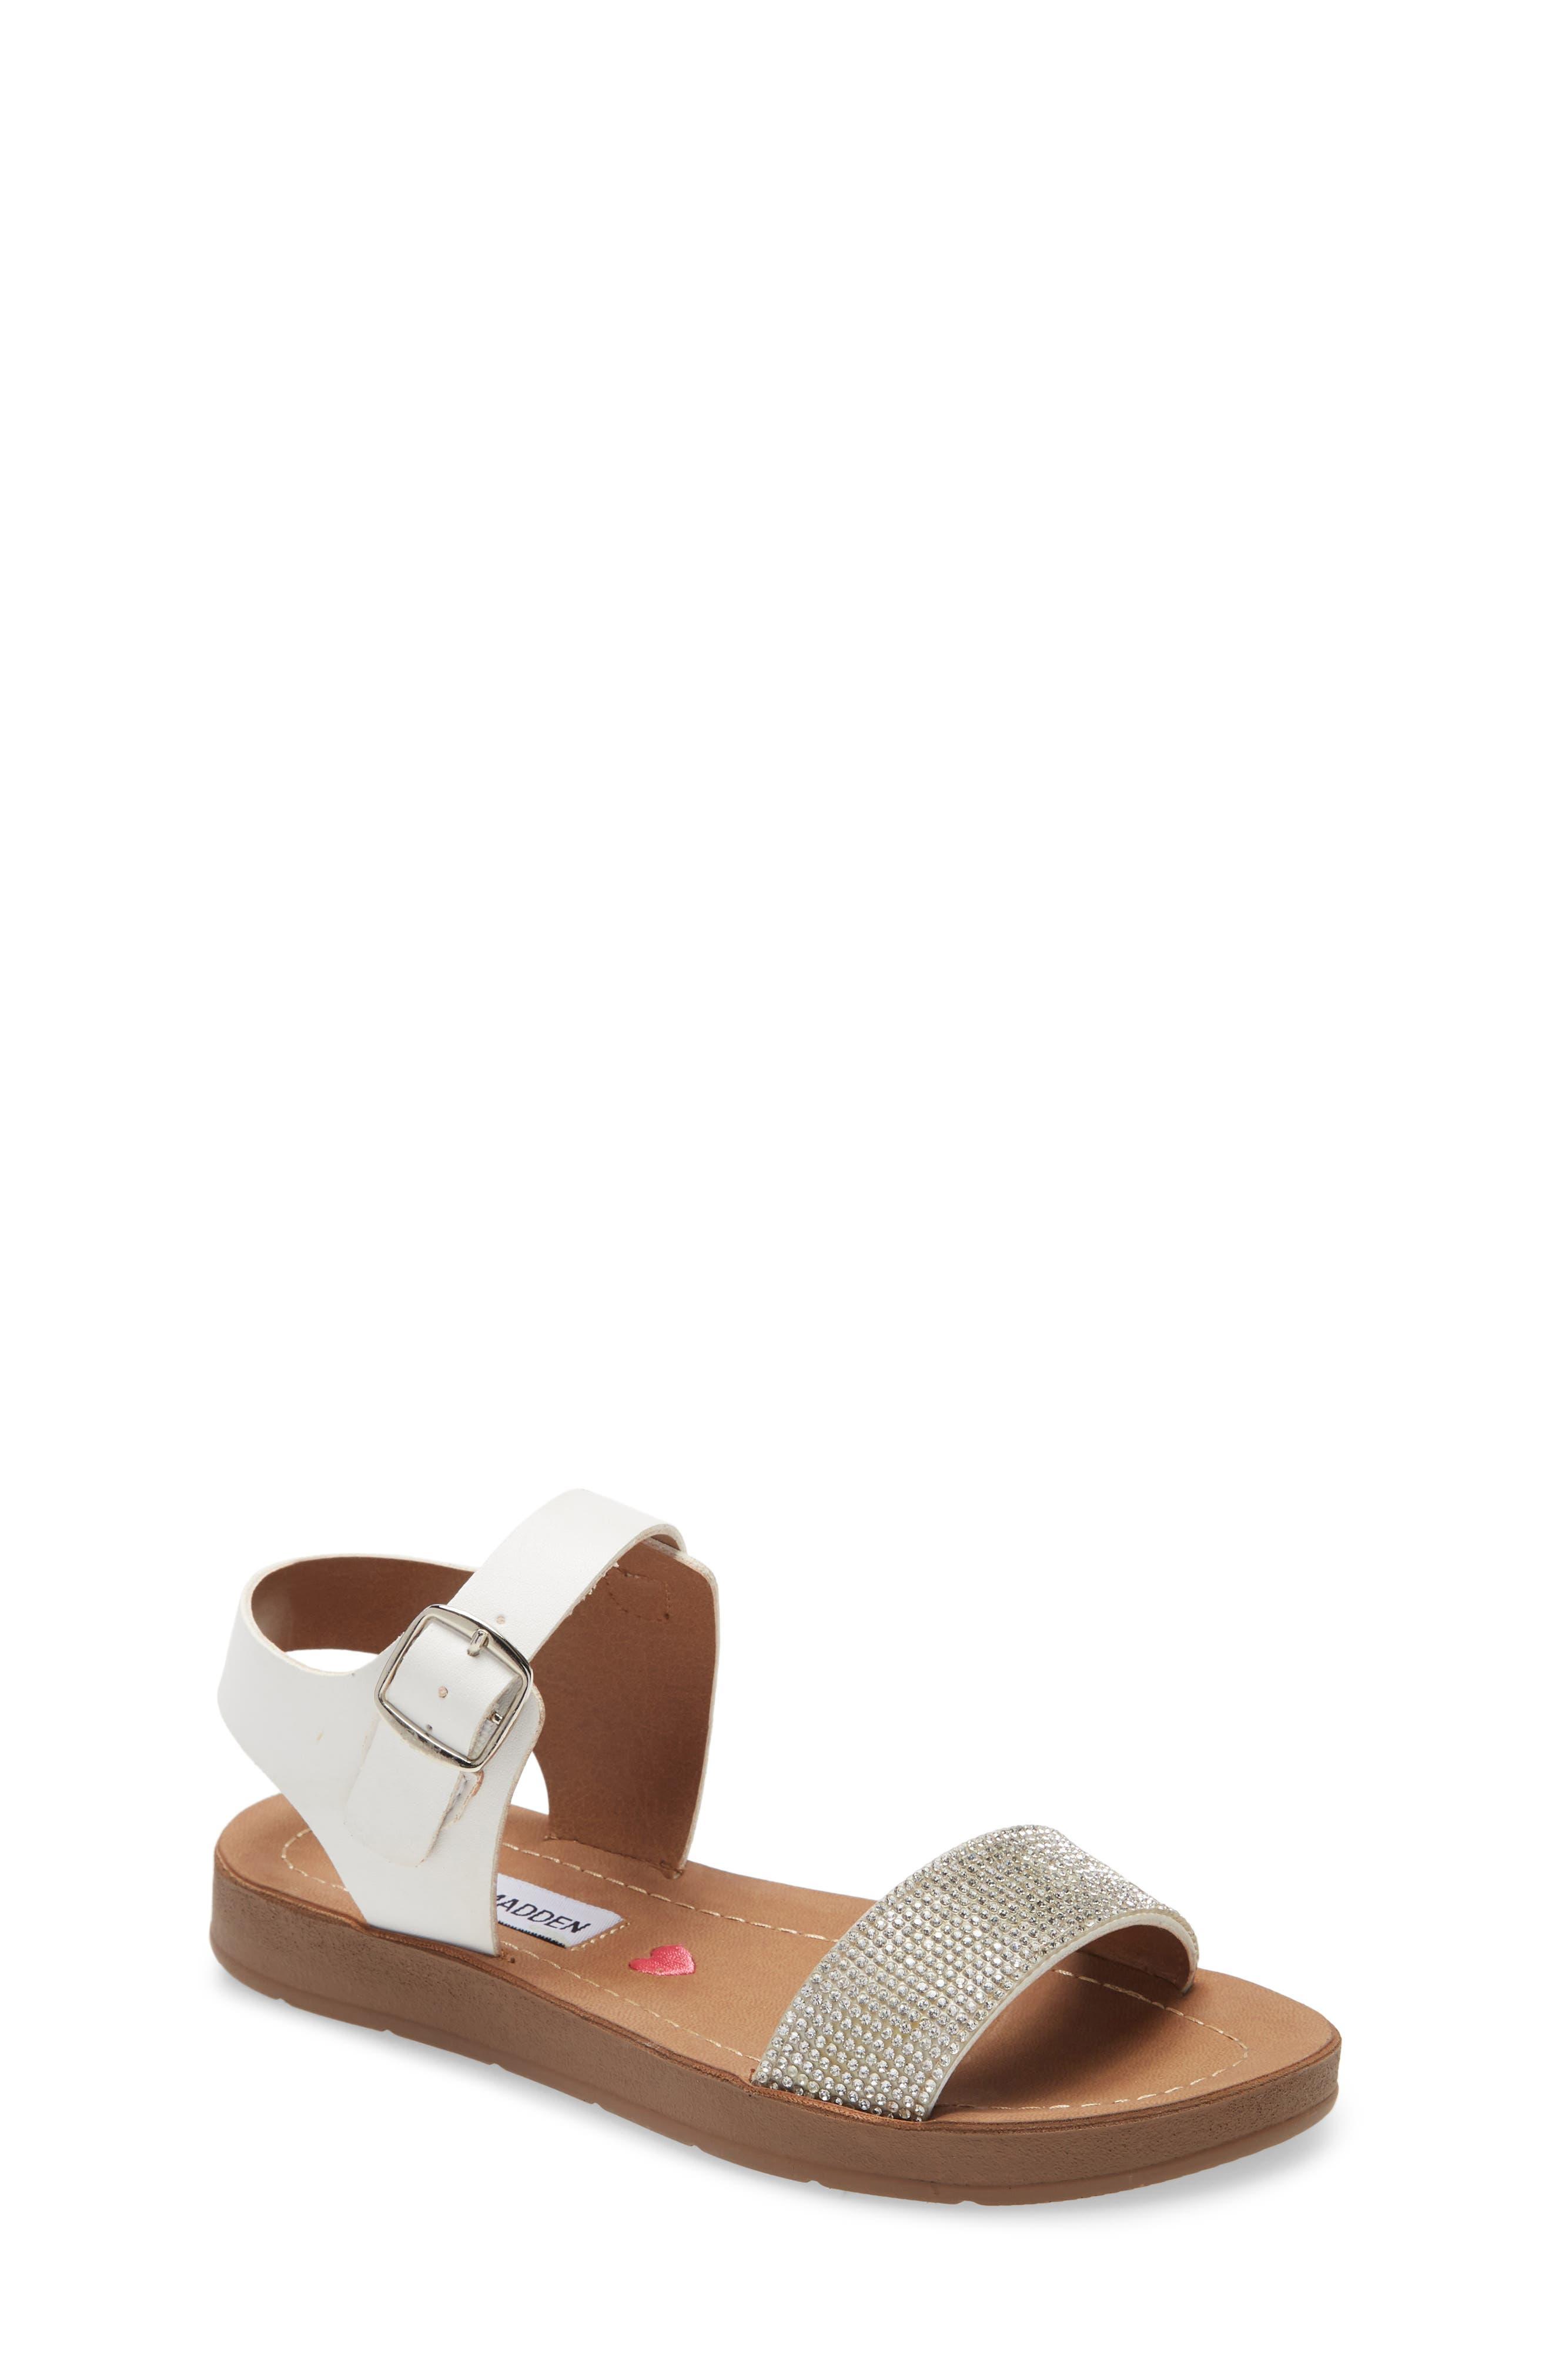 Image of Steve Madden Probler Platform Sandal